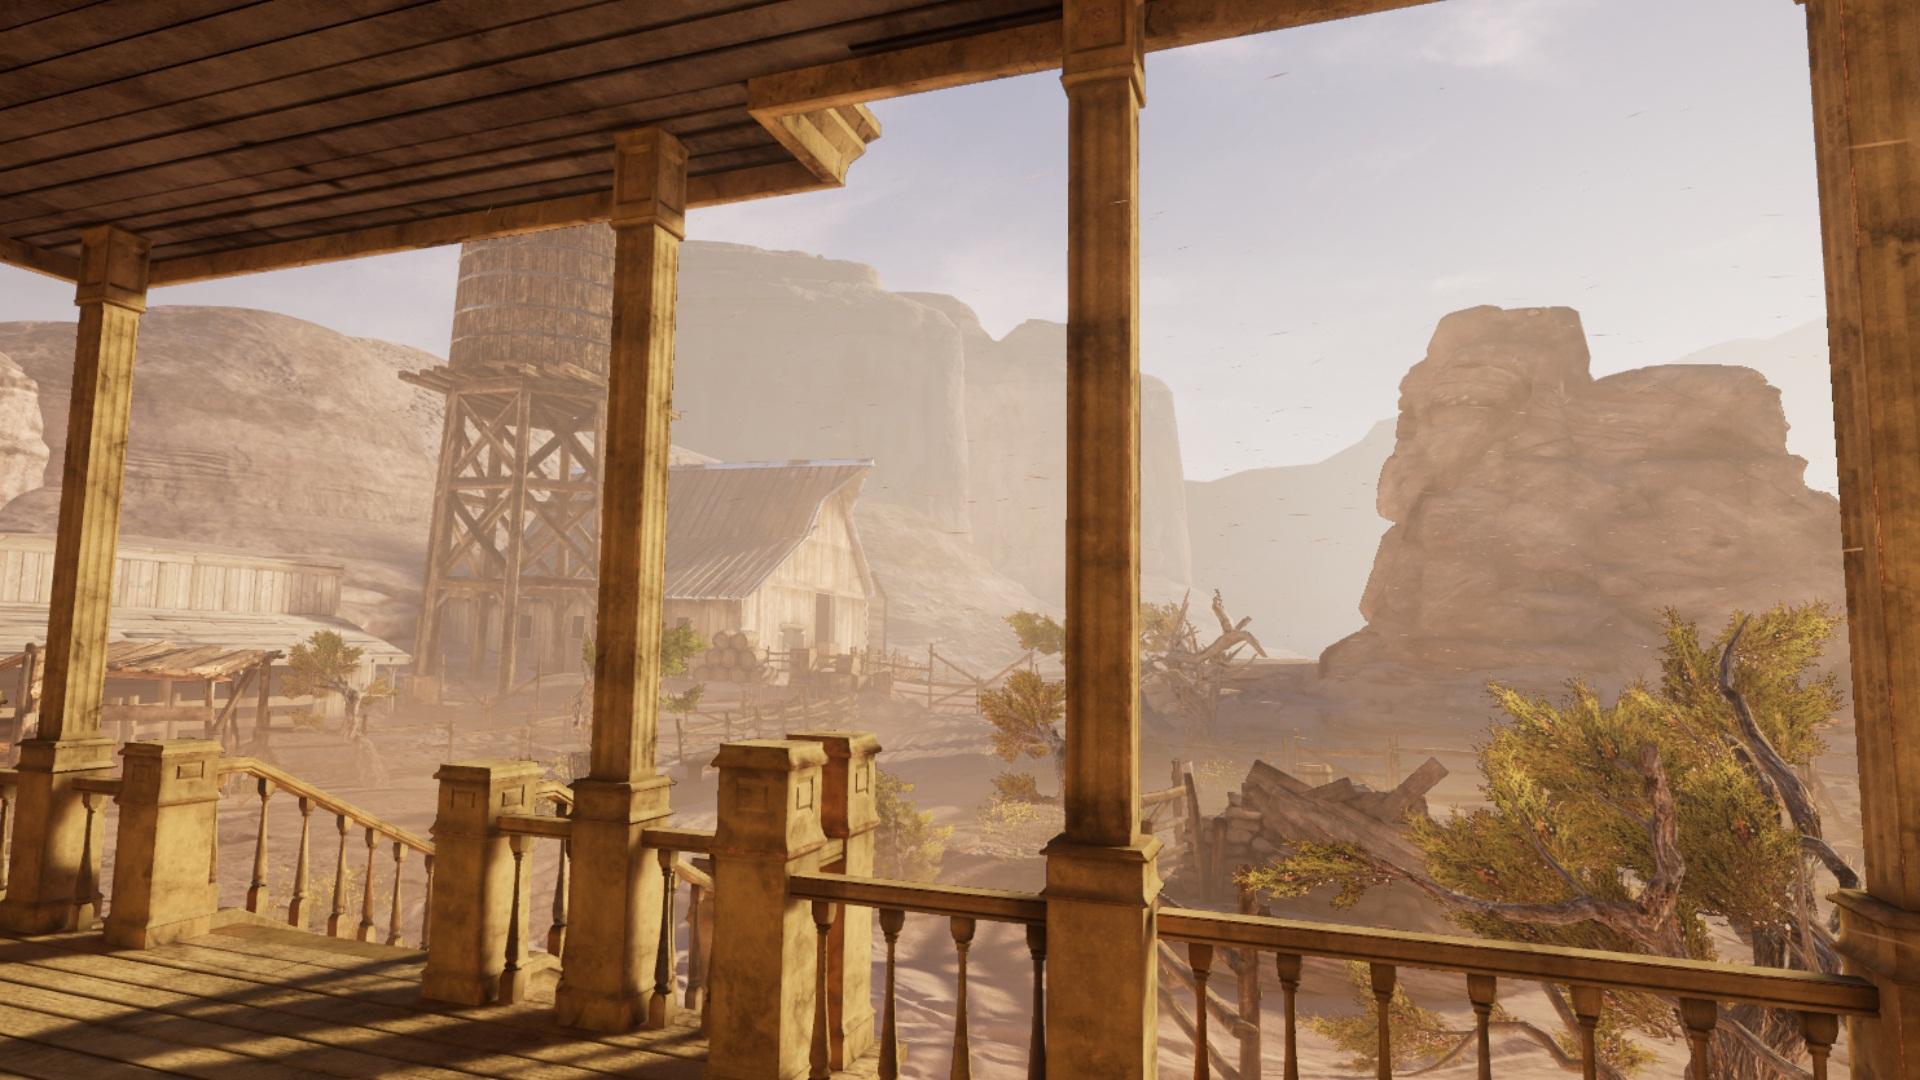 网易影核宣布代理超人气IP《西部世界》衍生VR游戏《Westworld:Awakening》